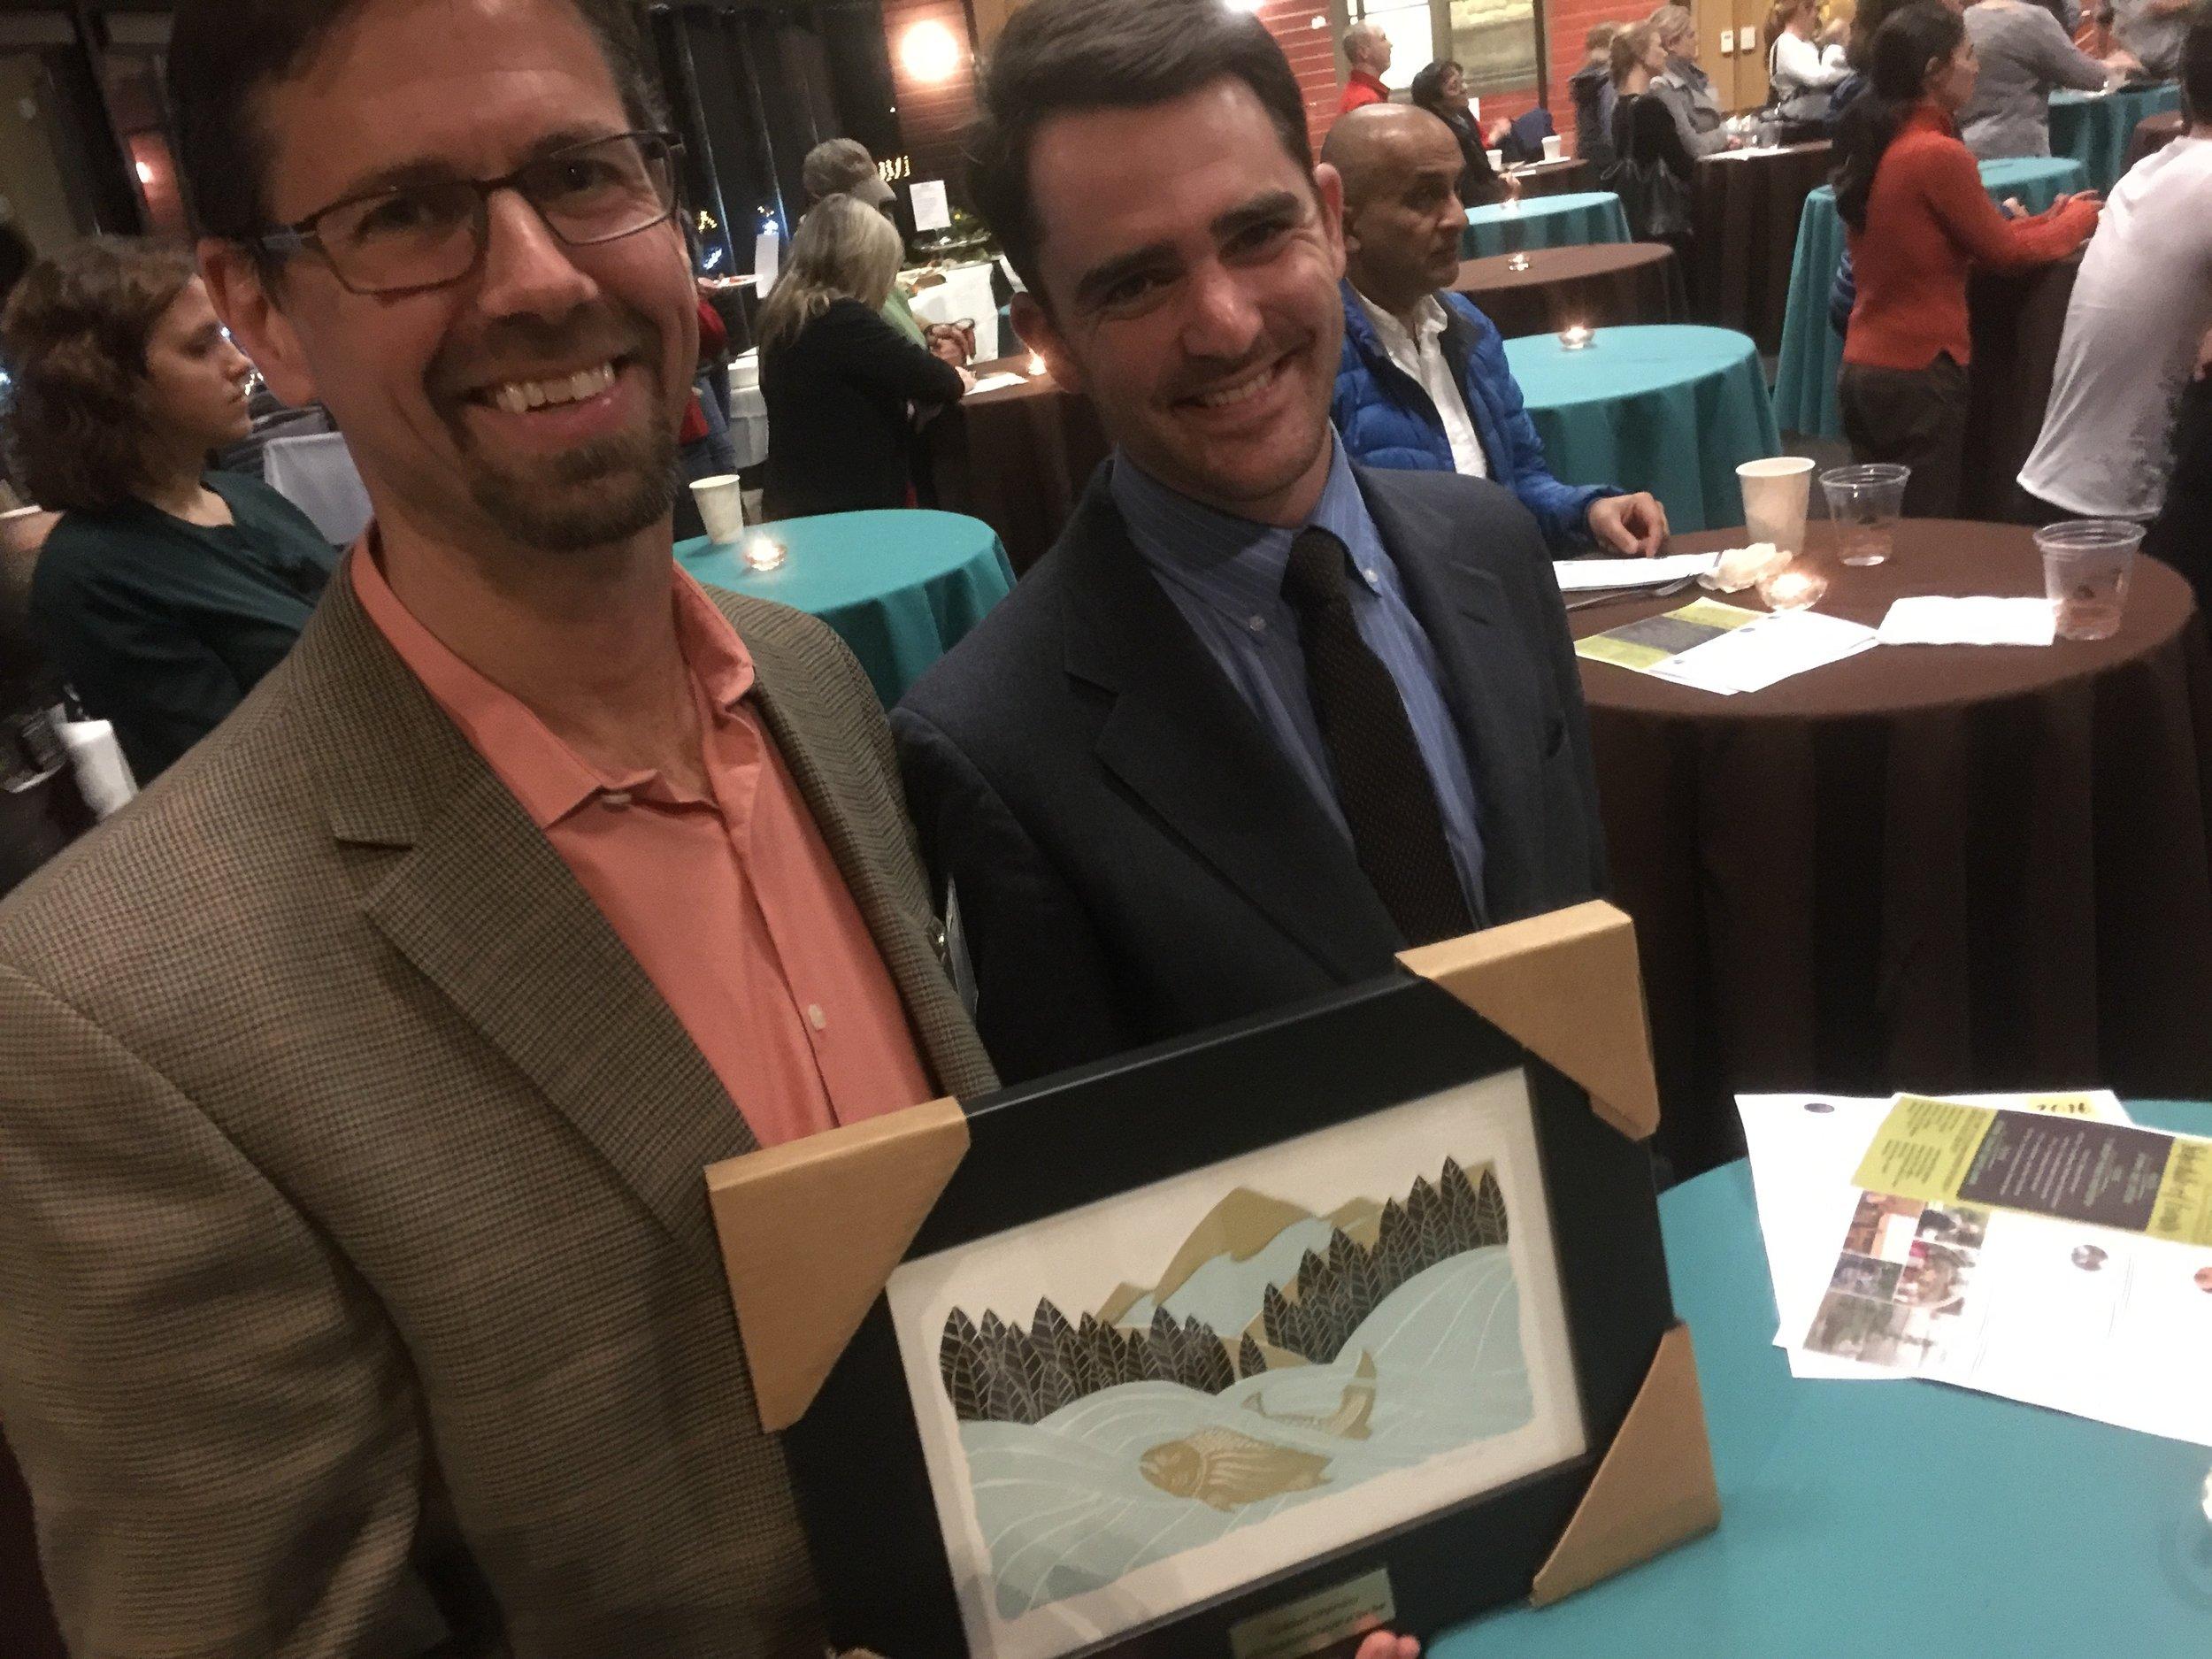 Bob Carey and Tom Bugert with the award